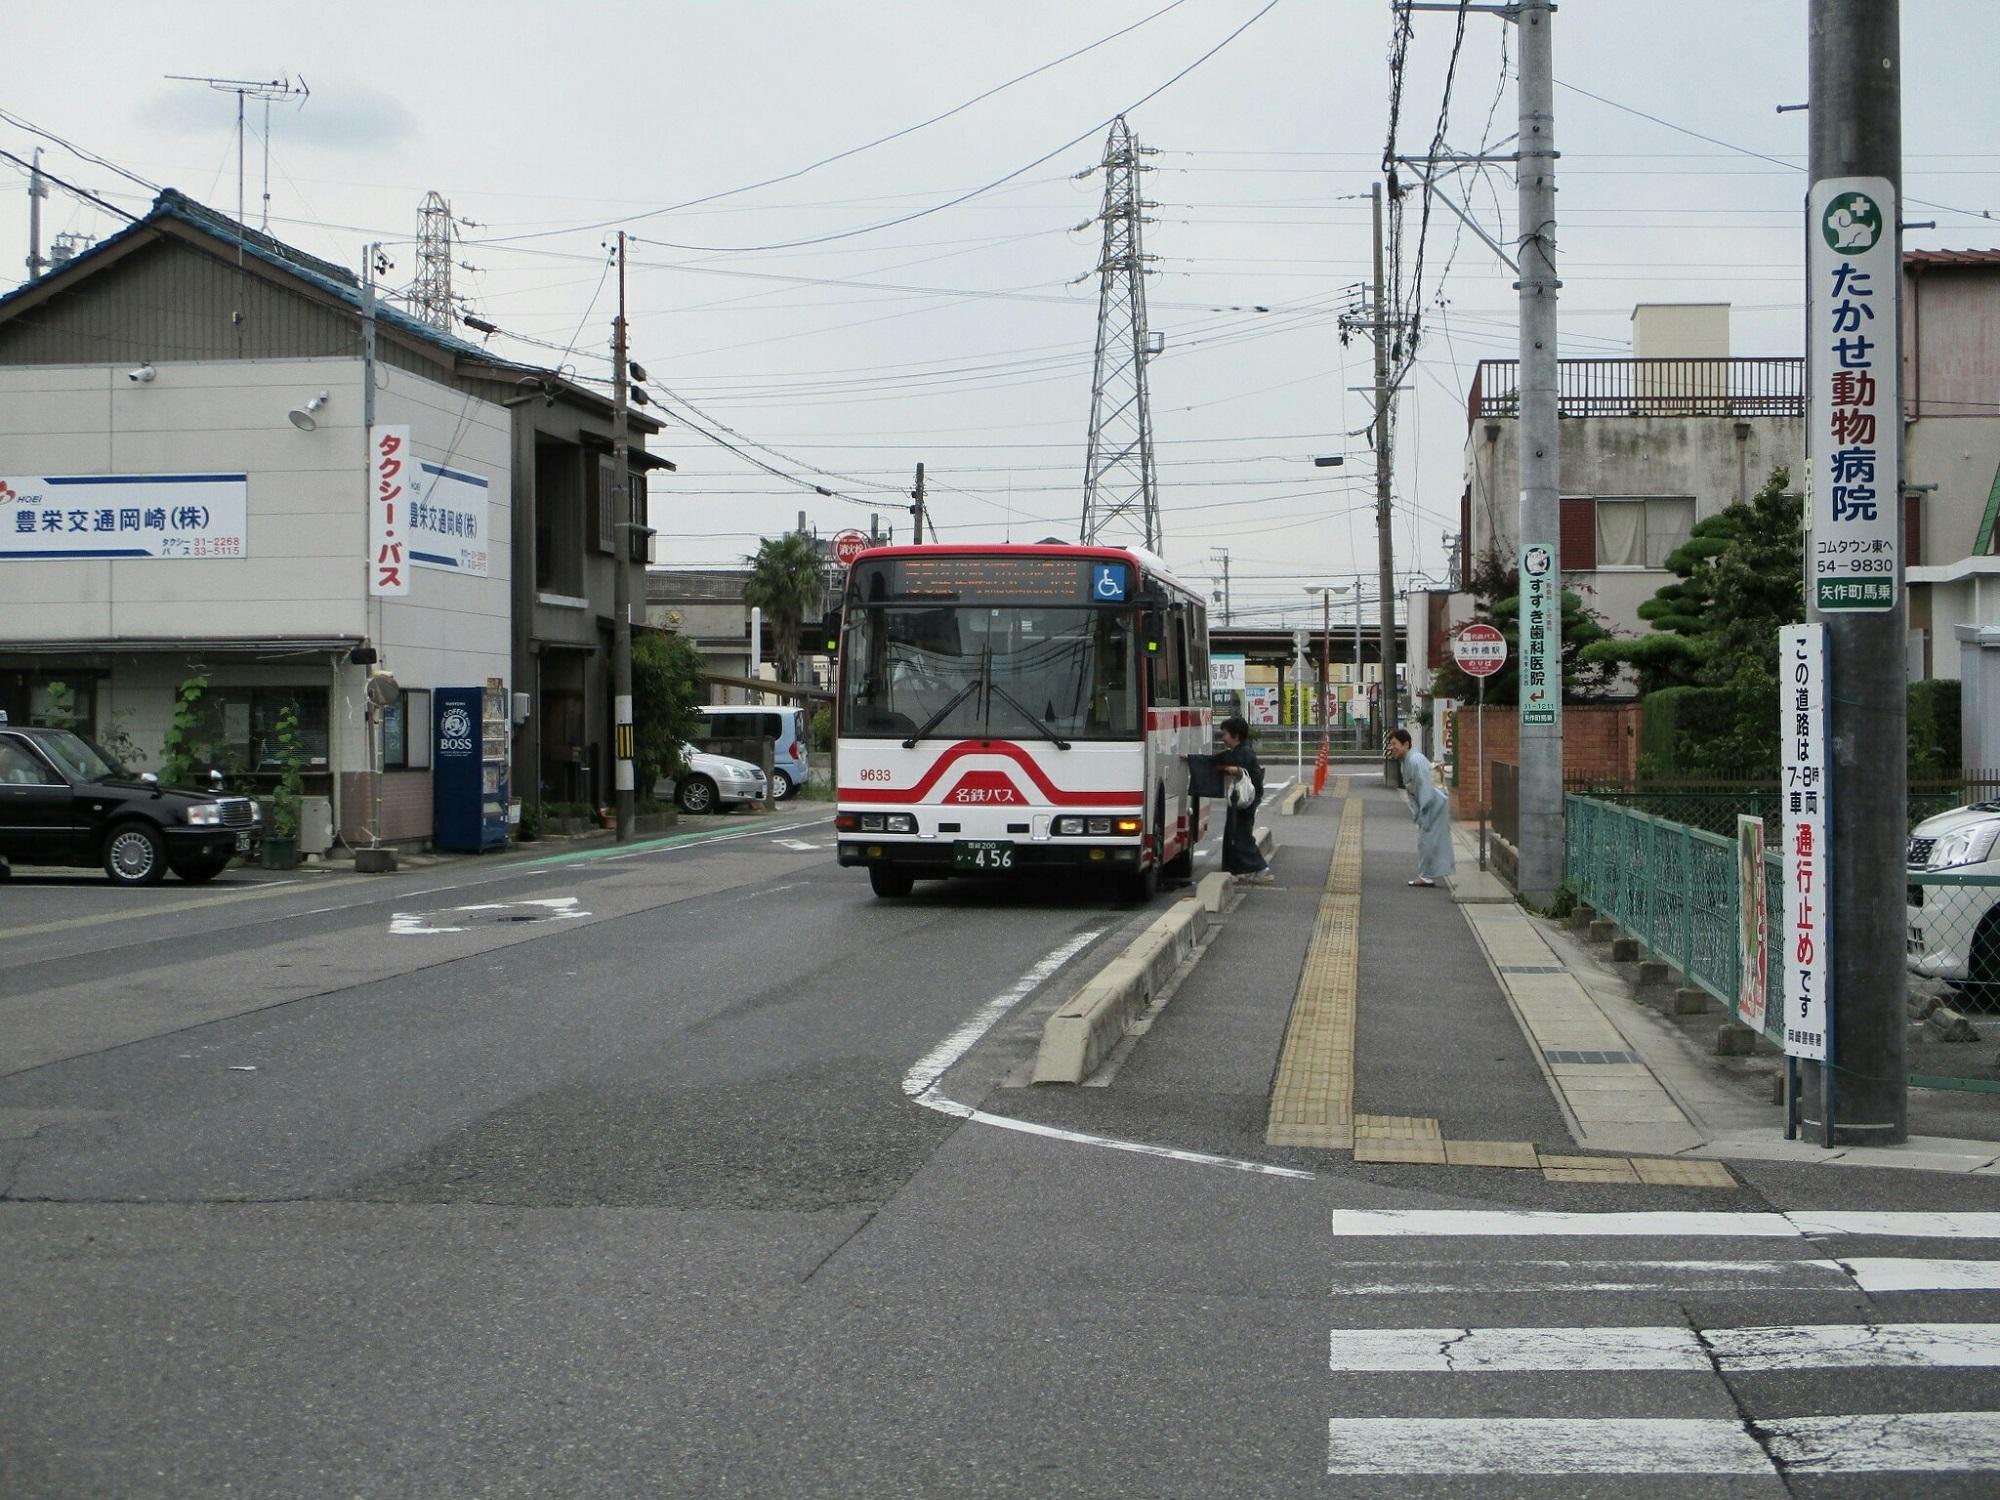 2018.6.21 (25) 矢作橋駅バス停 - 東岡崎いきバス 2000-1500